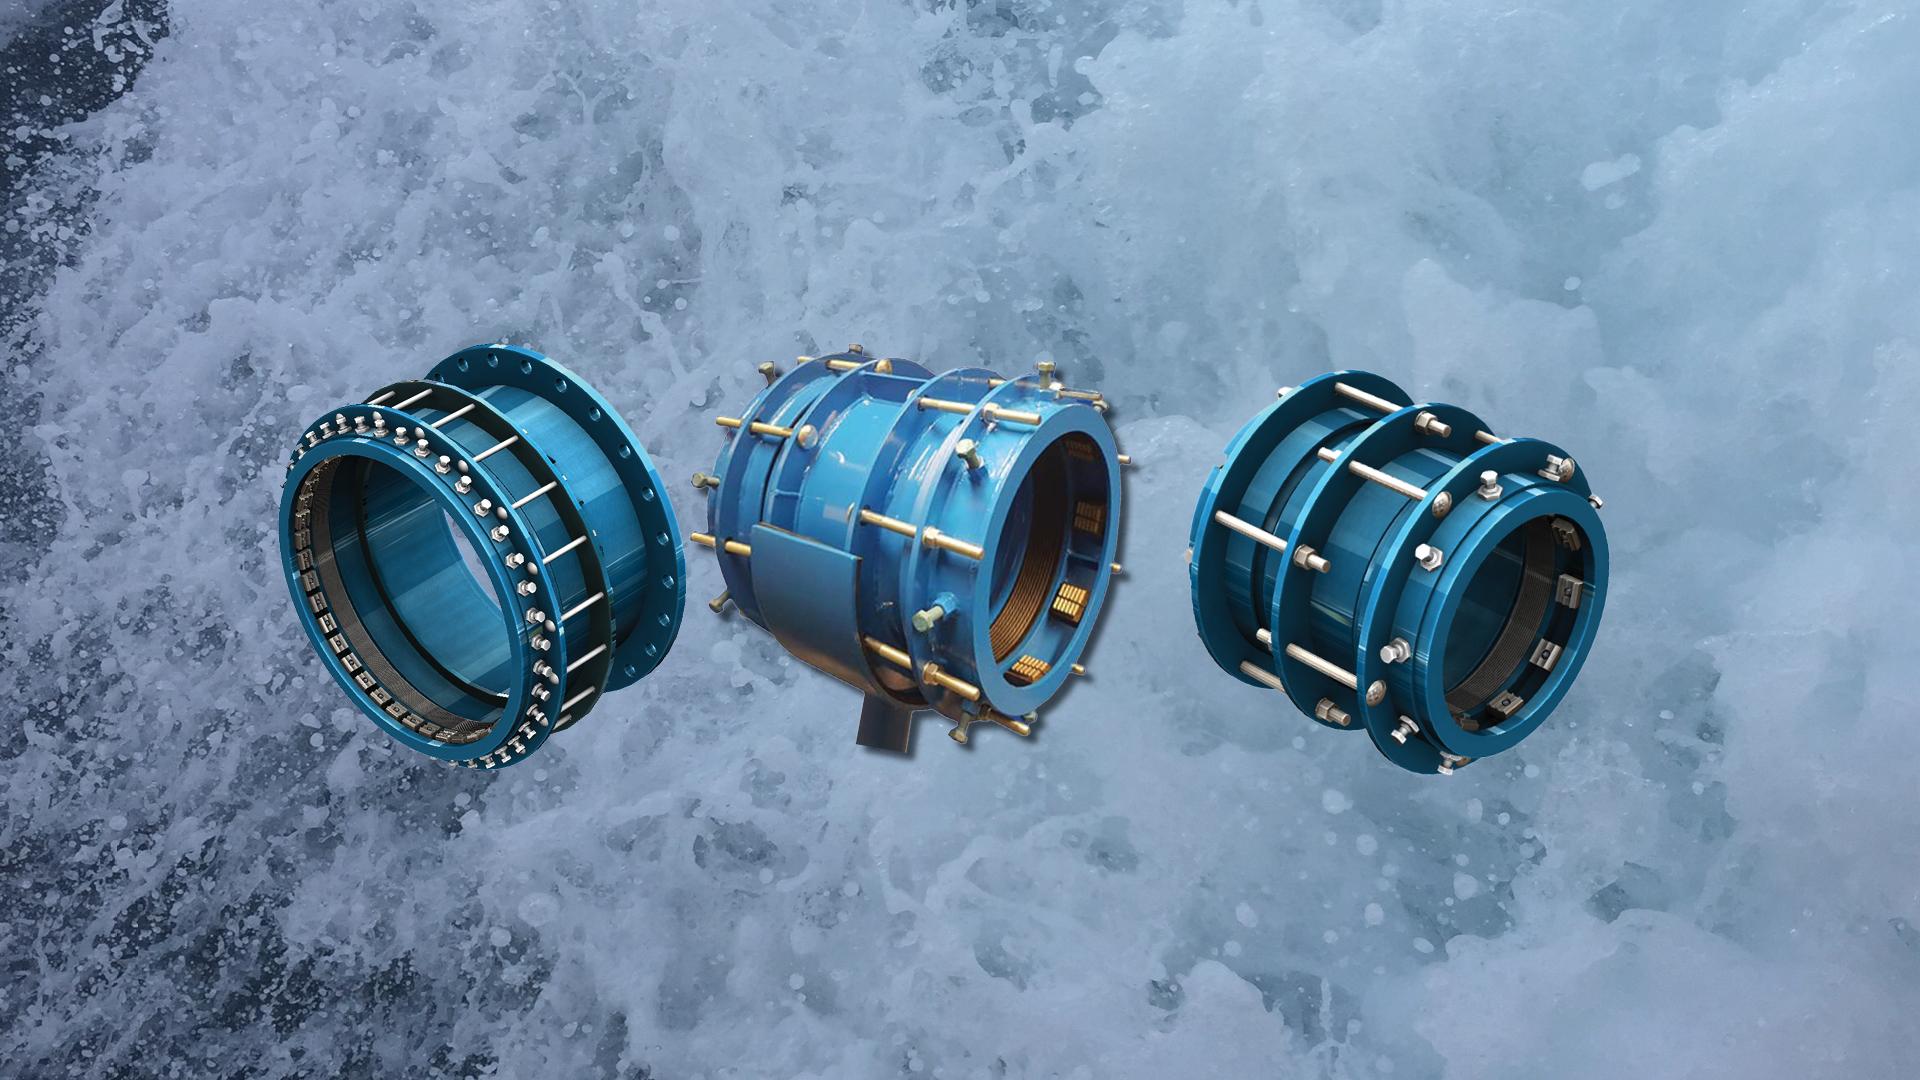 AVK Tensile Resistant Flange adpators and couplings